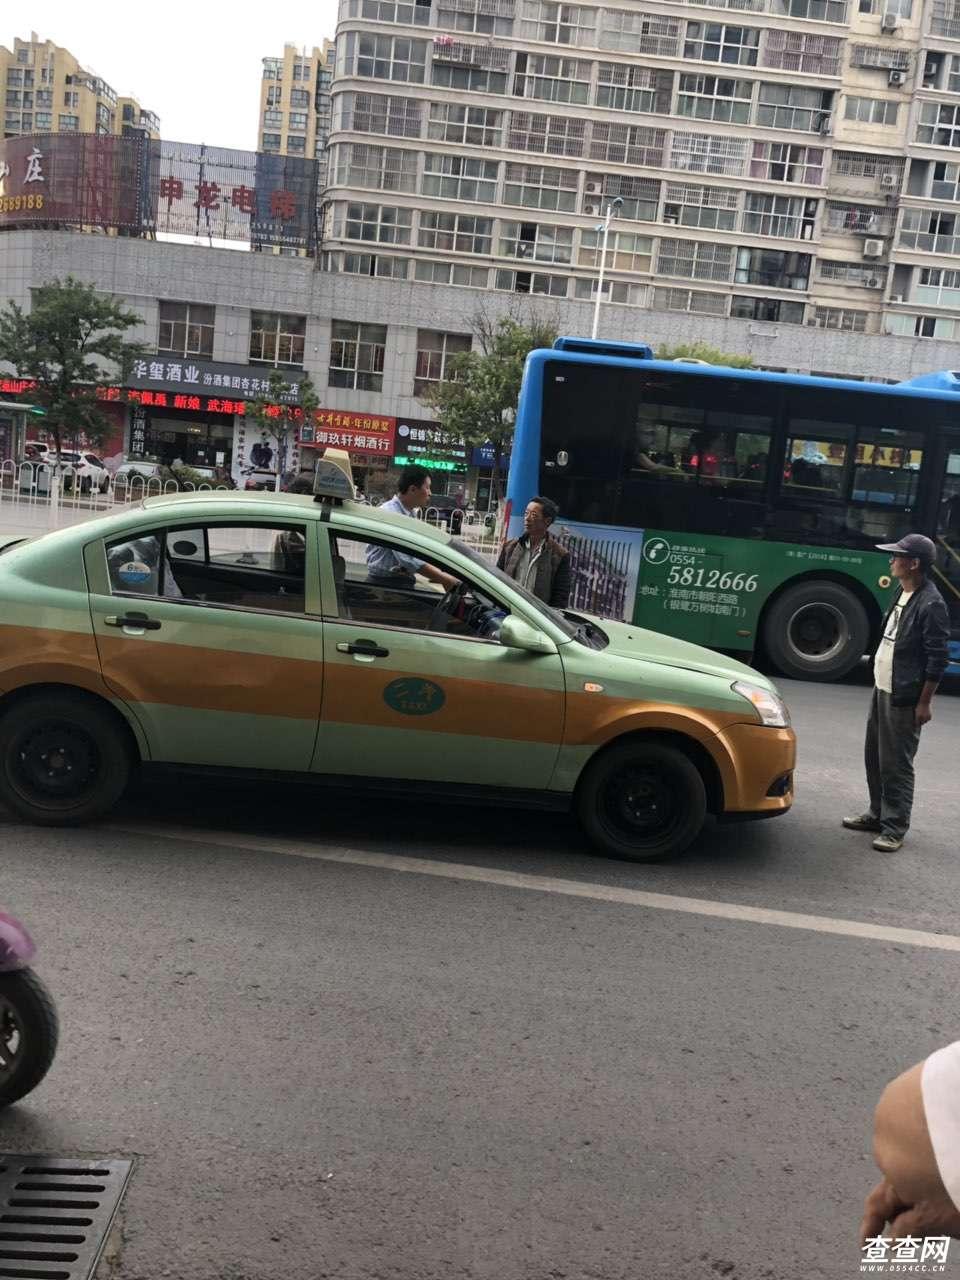 朝阳东路由西往东方向发生车祸 聚焦淮南 淮南查查网 www.0554cc.cn Powered by Discuz